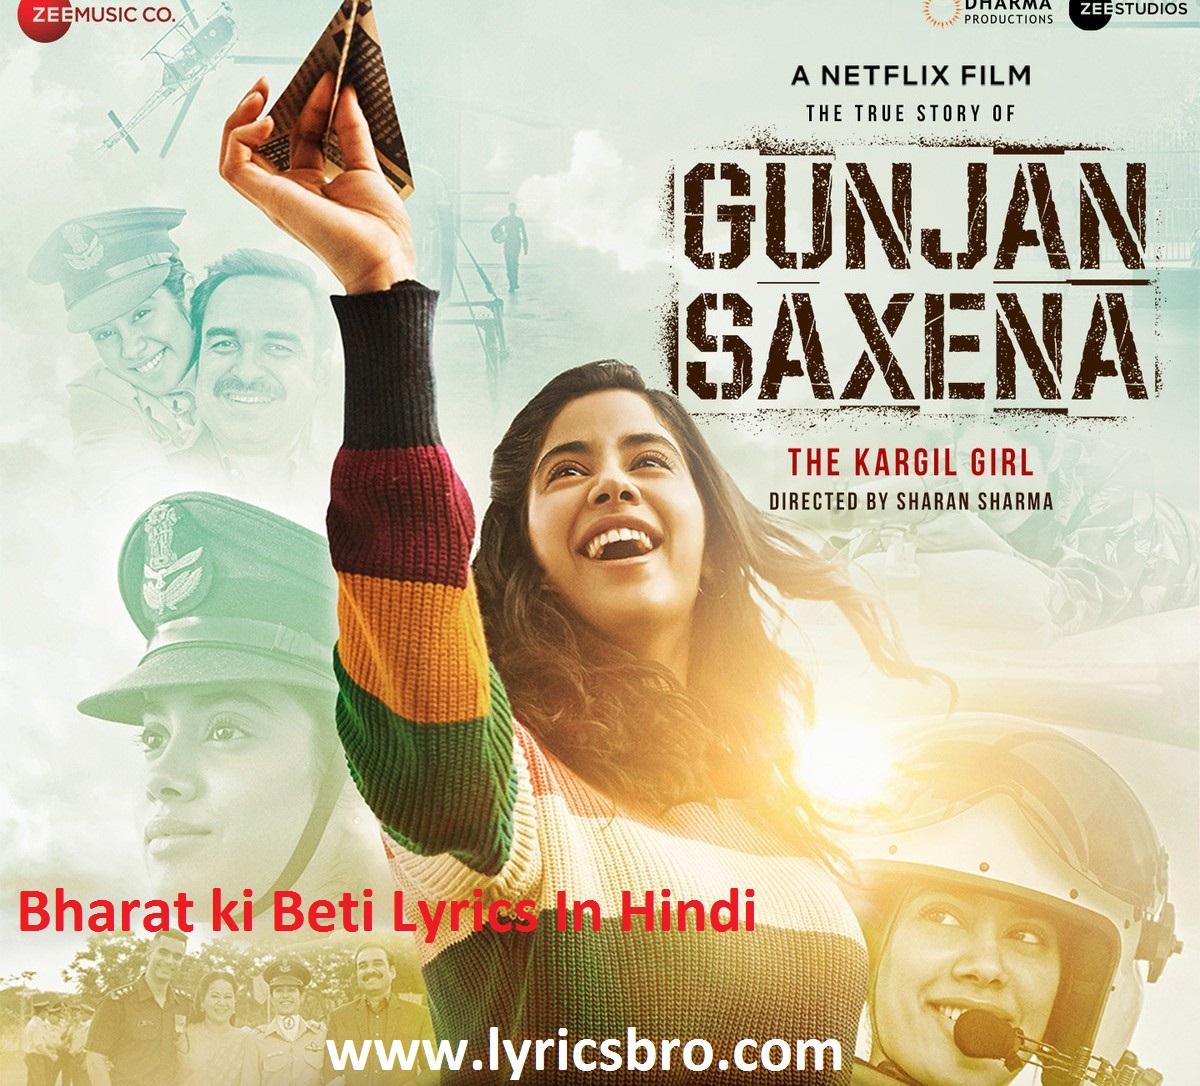 Bharat-ki-Beti-Lyrics,Gunjan-sexena,Bollywood